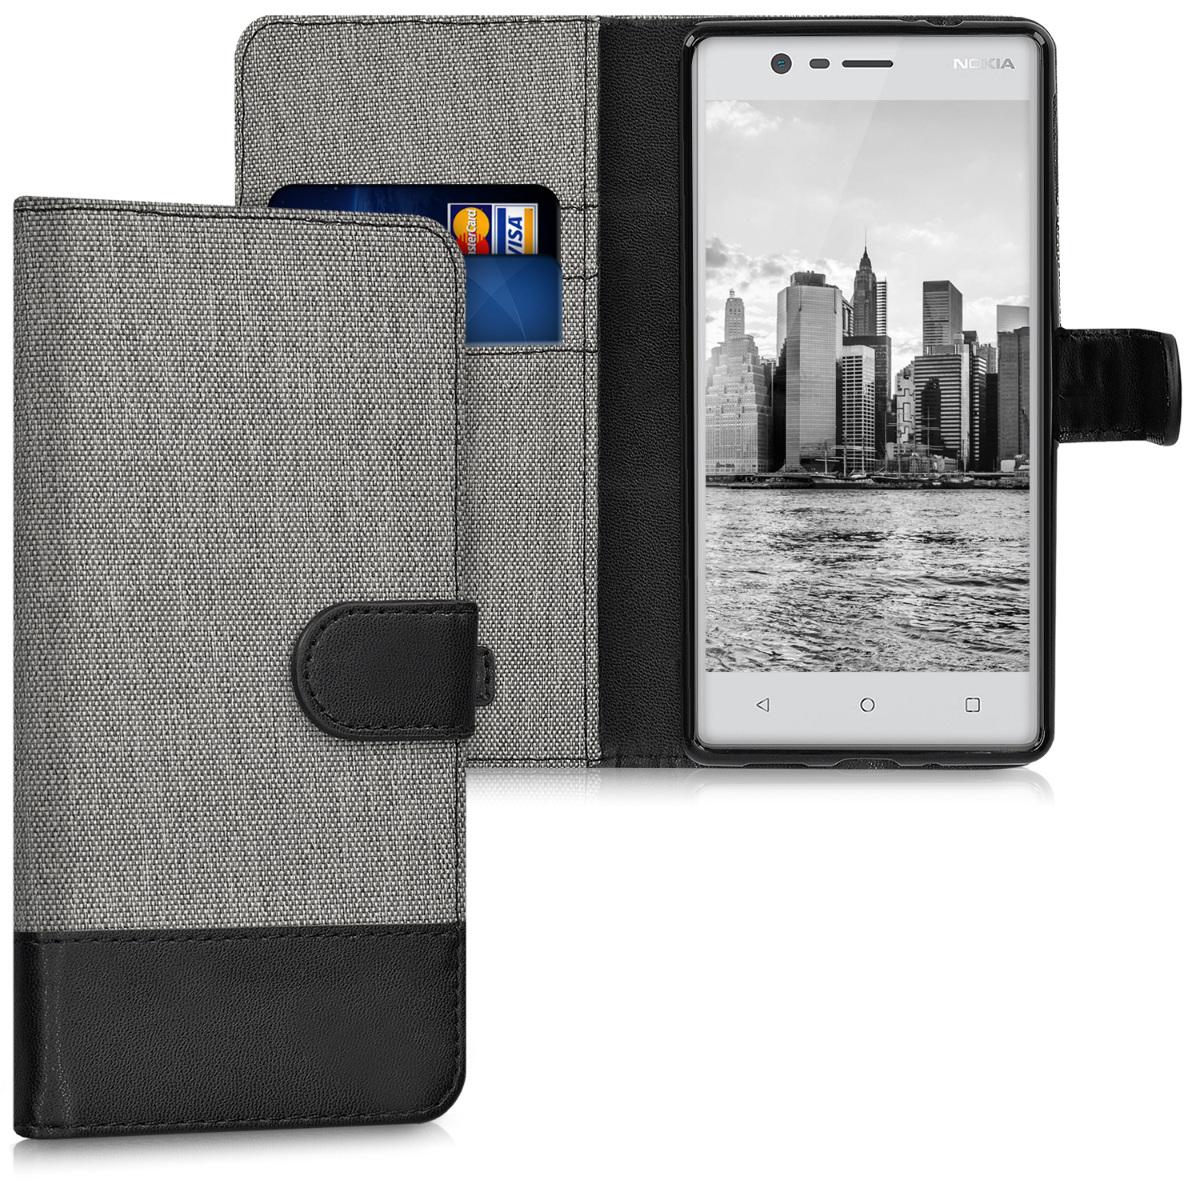 KW Θήκη Πορτοφόλι Nokia 3 - Συνθετικό δέρμα - Grey / Black (41108.01)